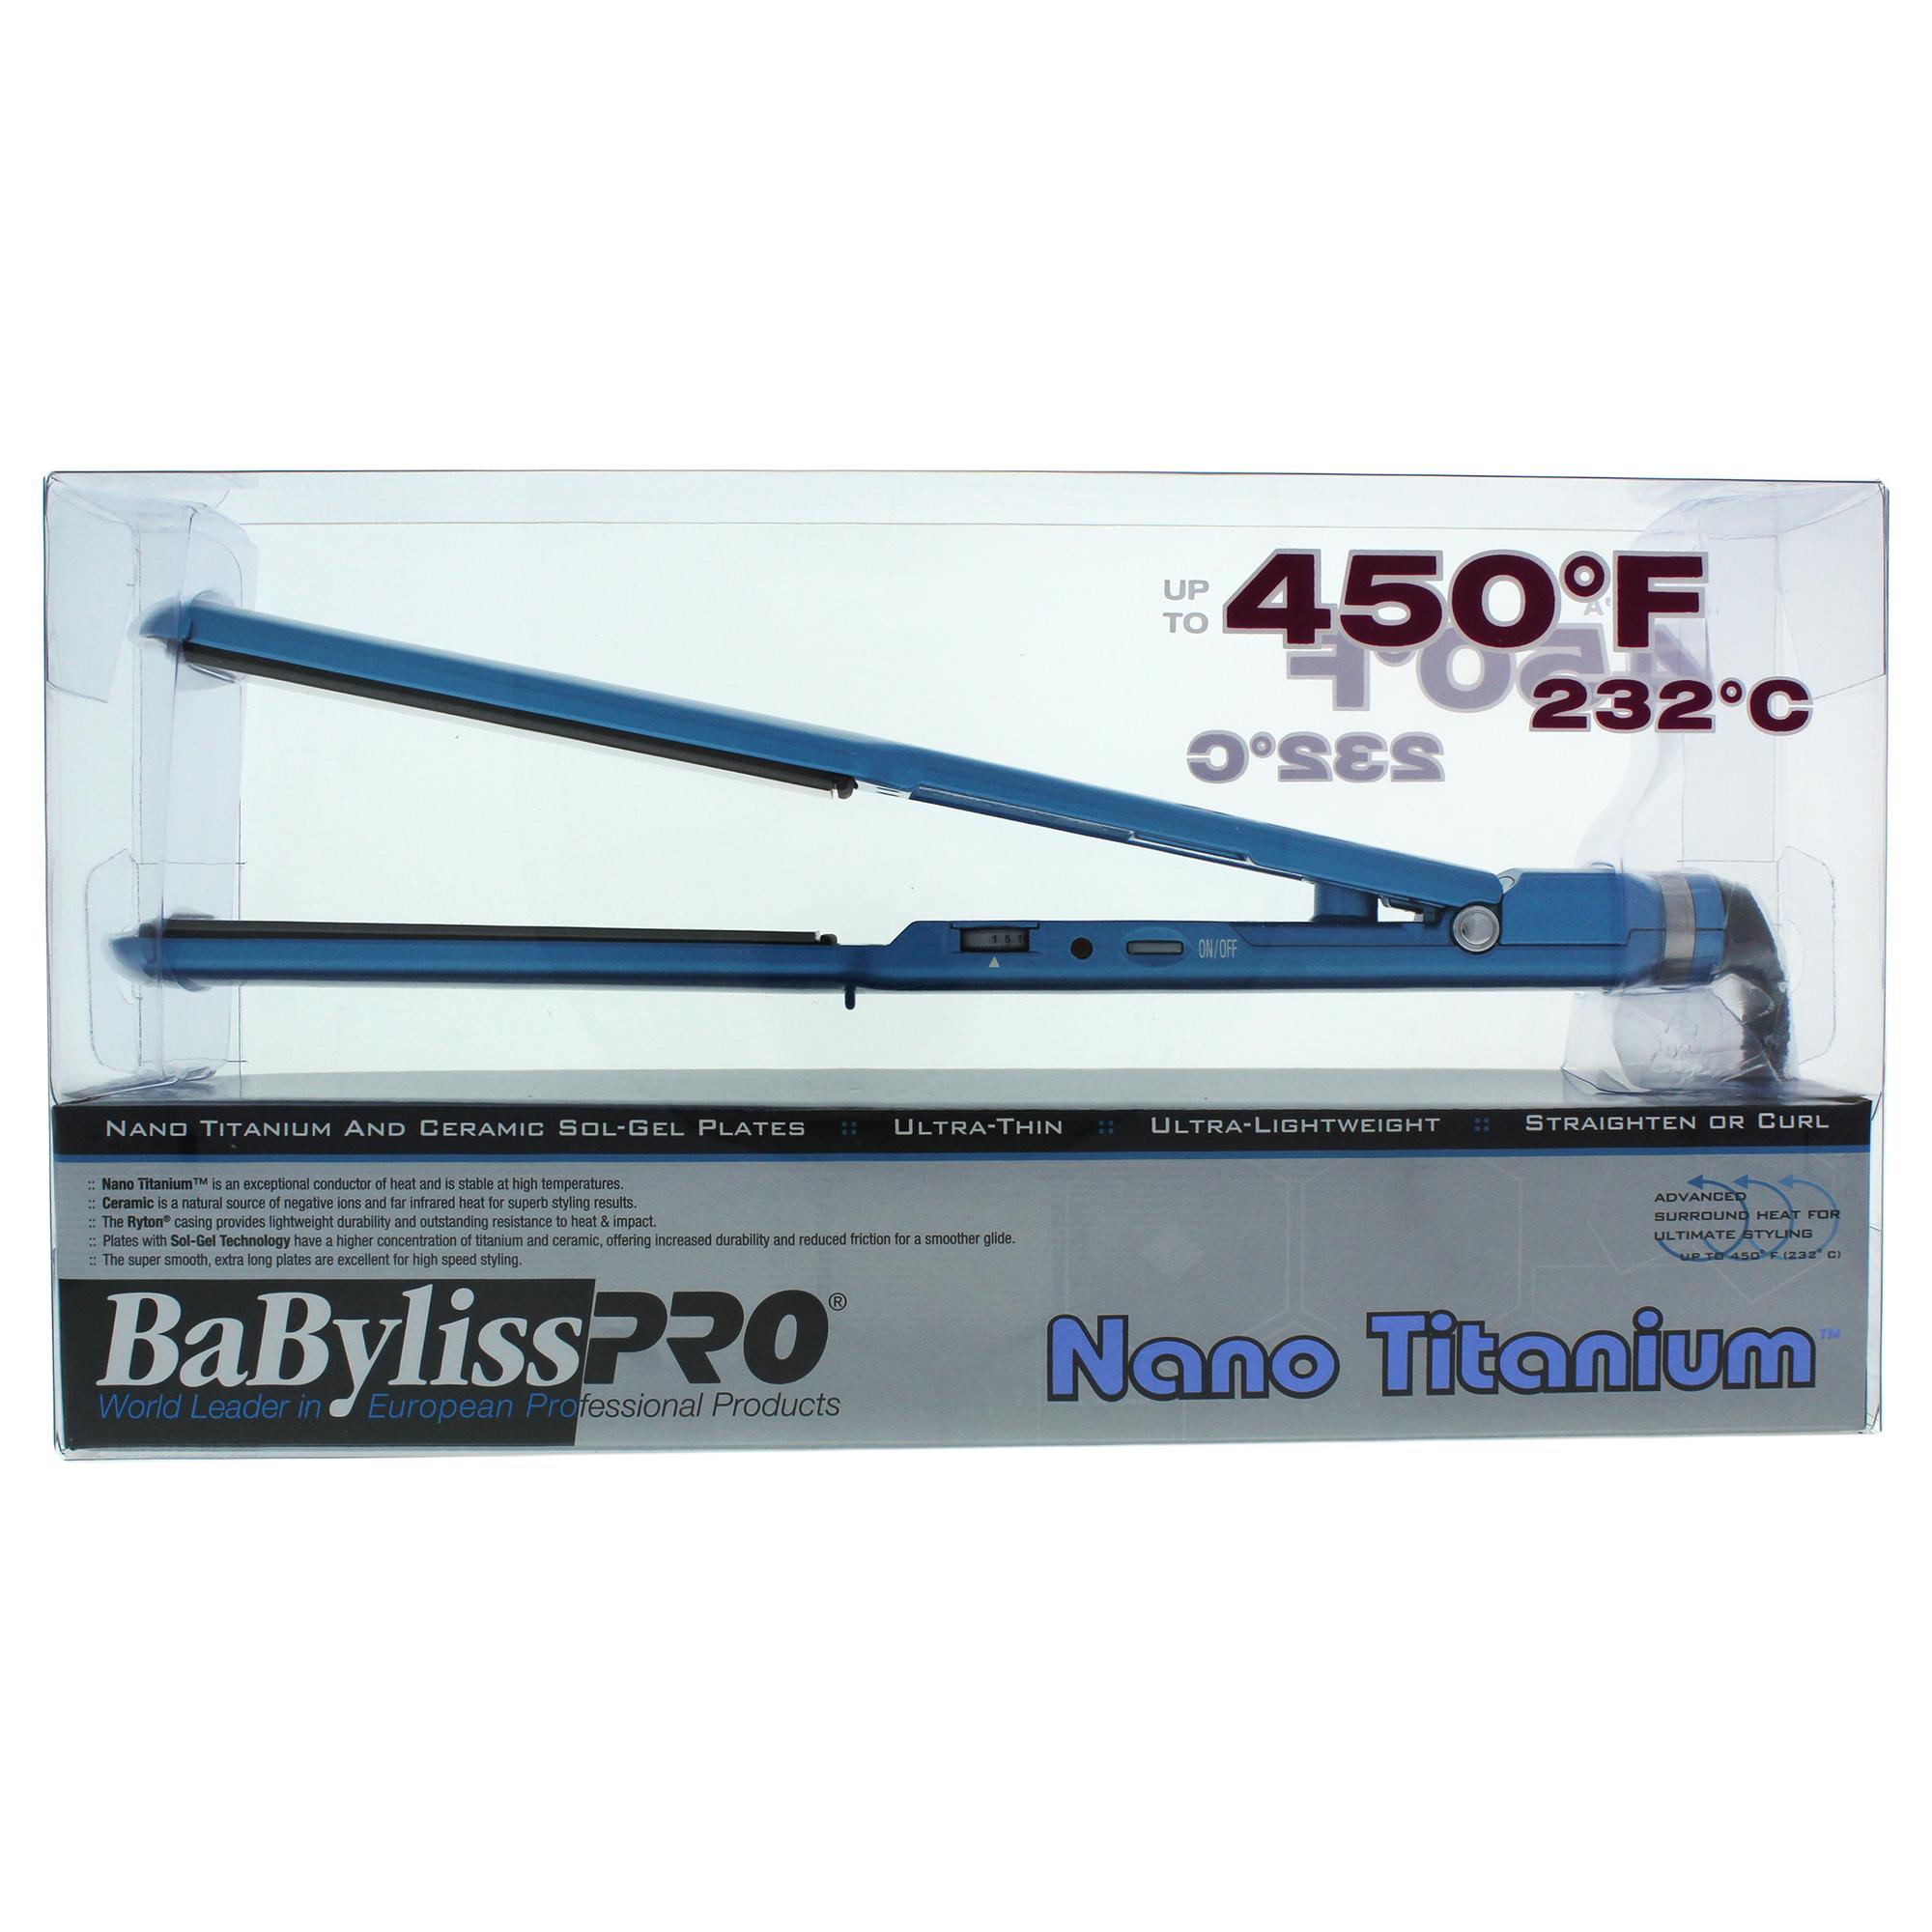 BaBylissPRO Babyliss PRO Nano Titanium and Ceramic Professional Flat Iron - Model # BNT3073C - 1.5 Inch Flat Iron